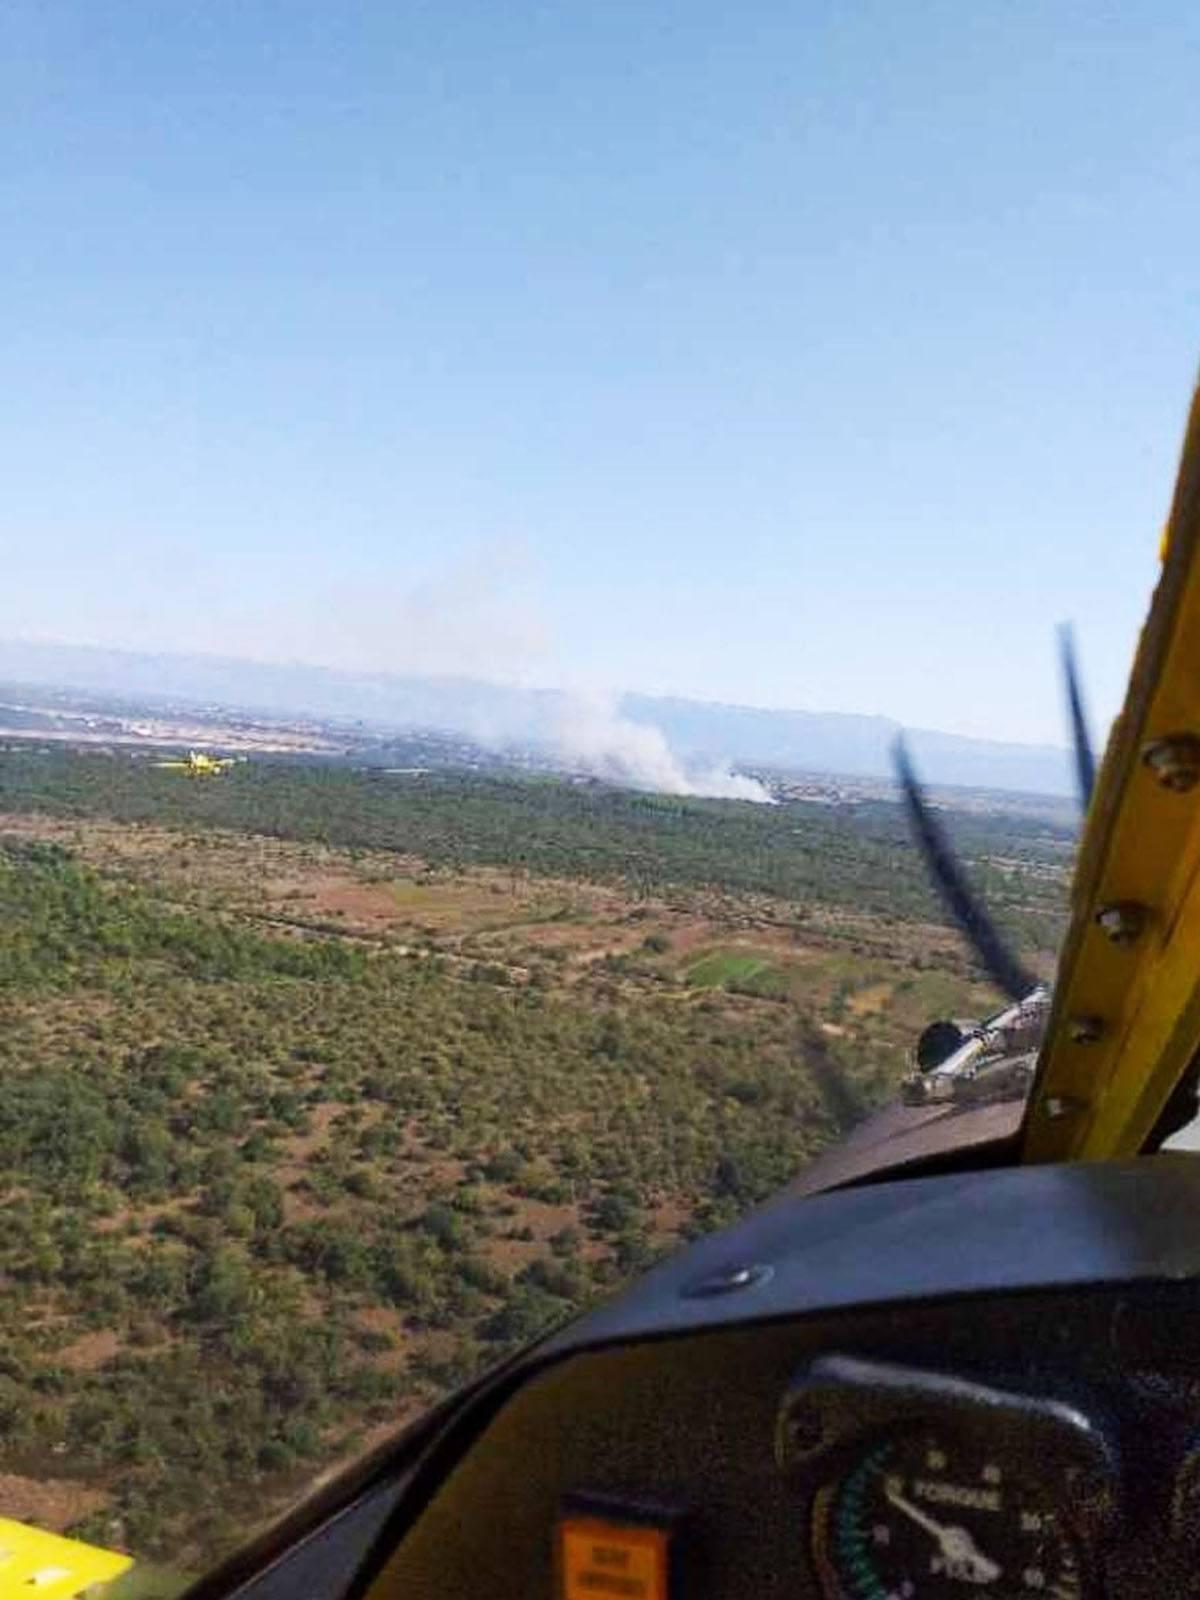 Zračne snage sudjeZračne snage sudjelovale u gašenju požara kod Zadra